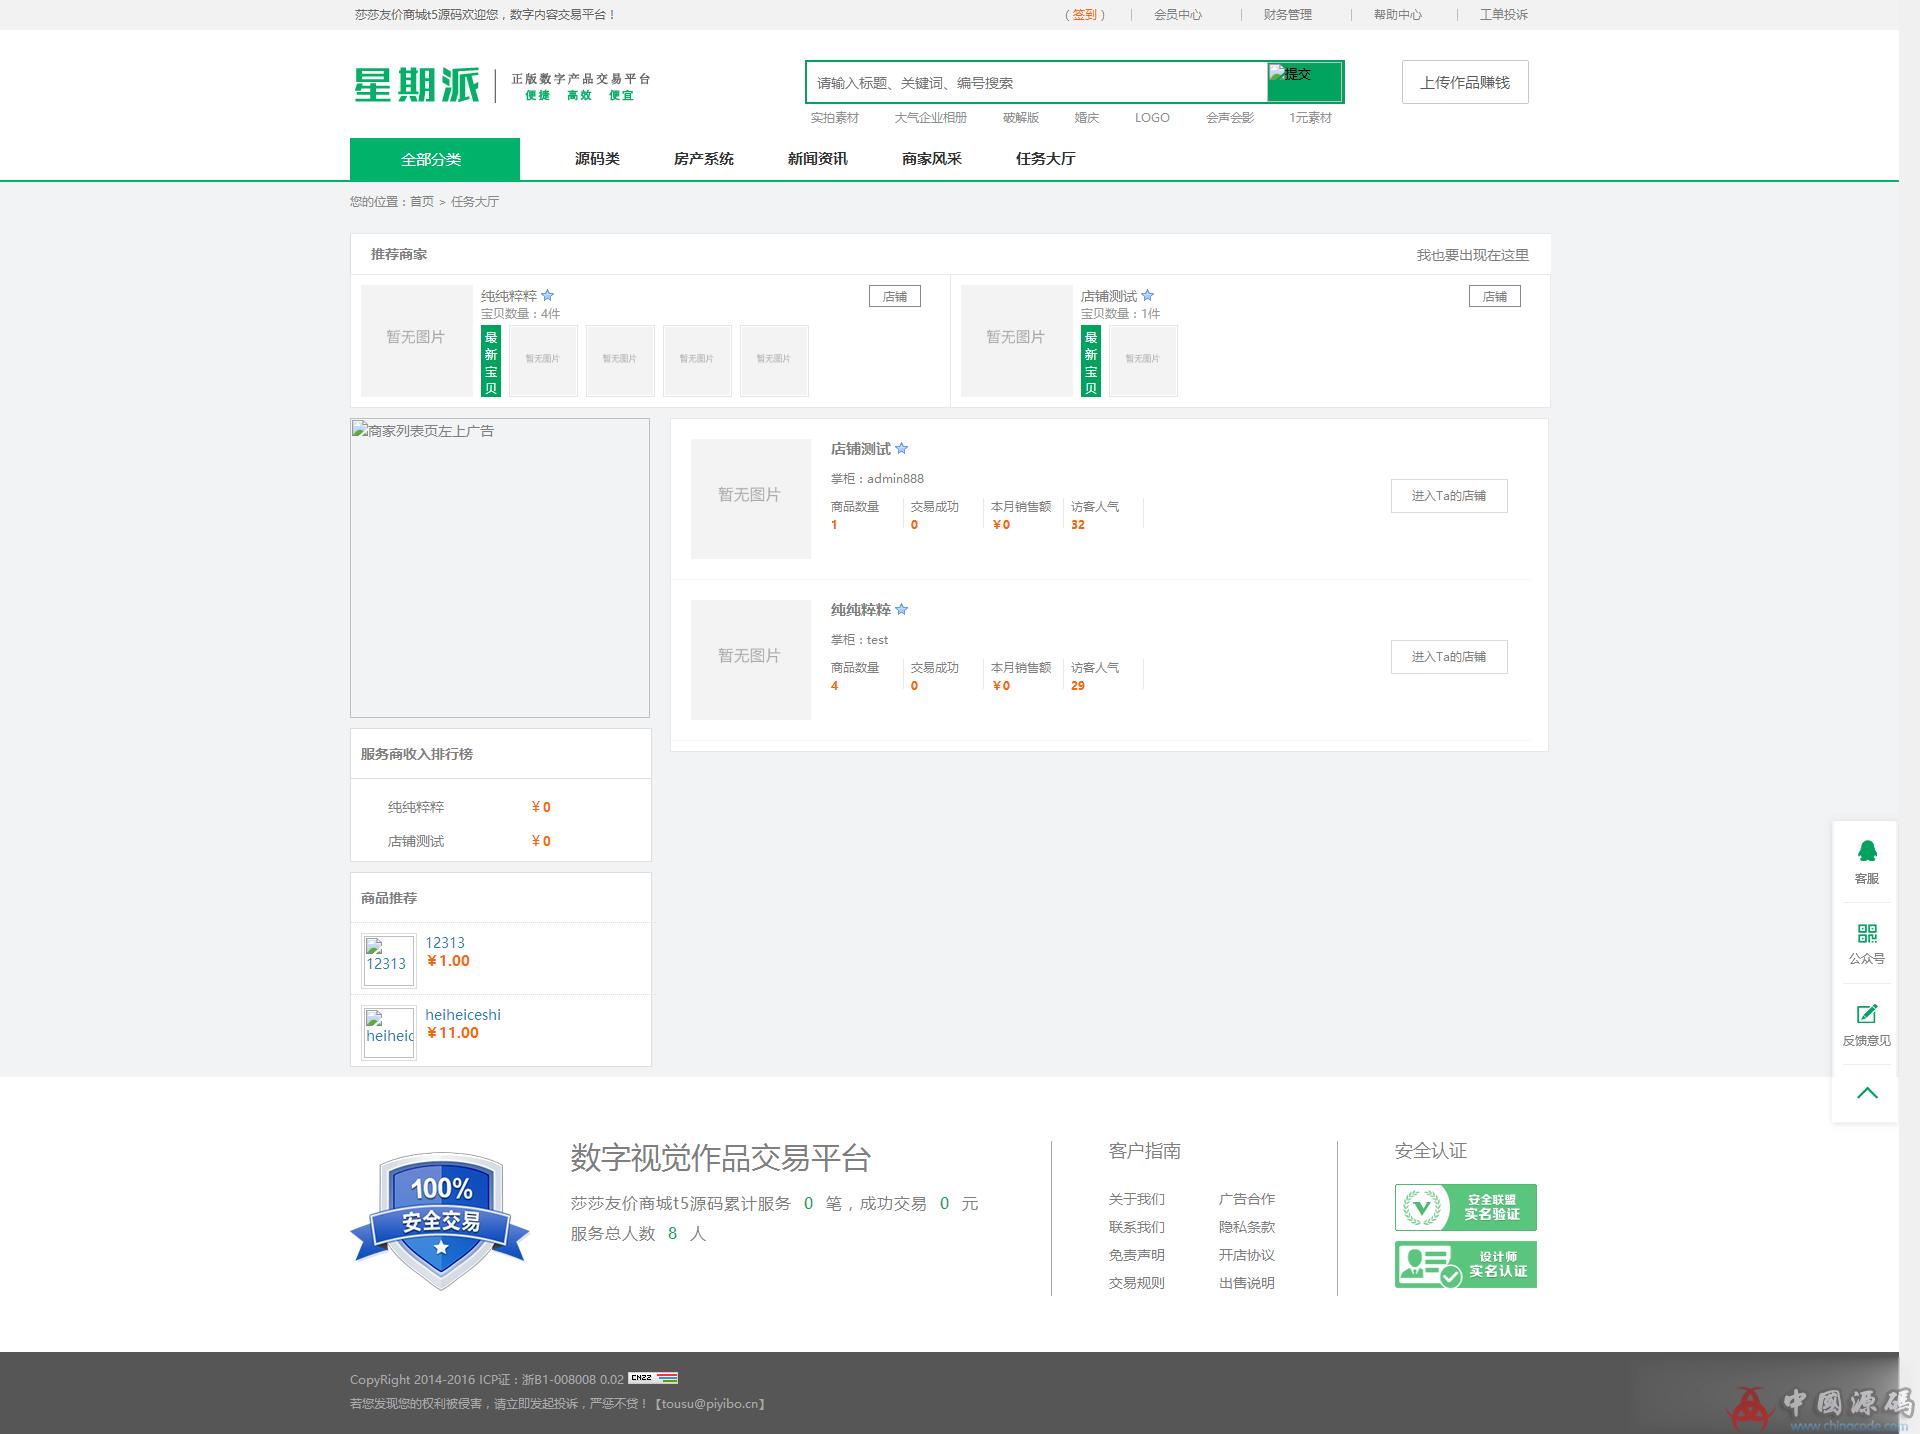 星期派正版数字交易平台源码友价T5内核加上星期派源码交易系统绿白风格模板 网站-第8张